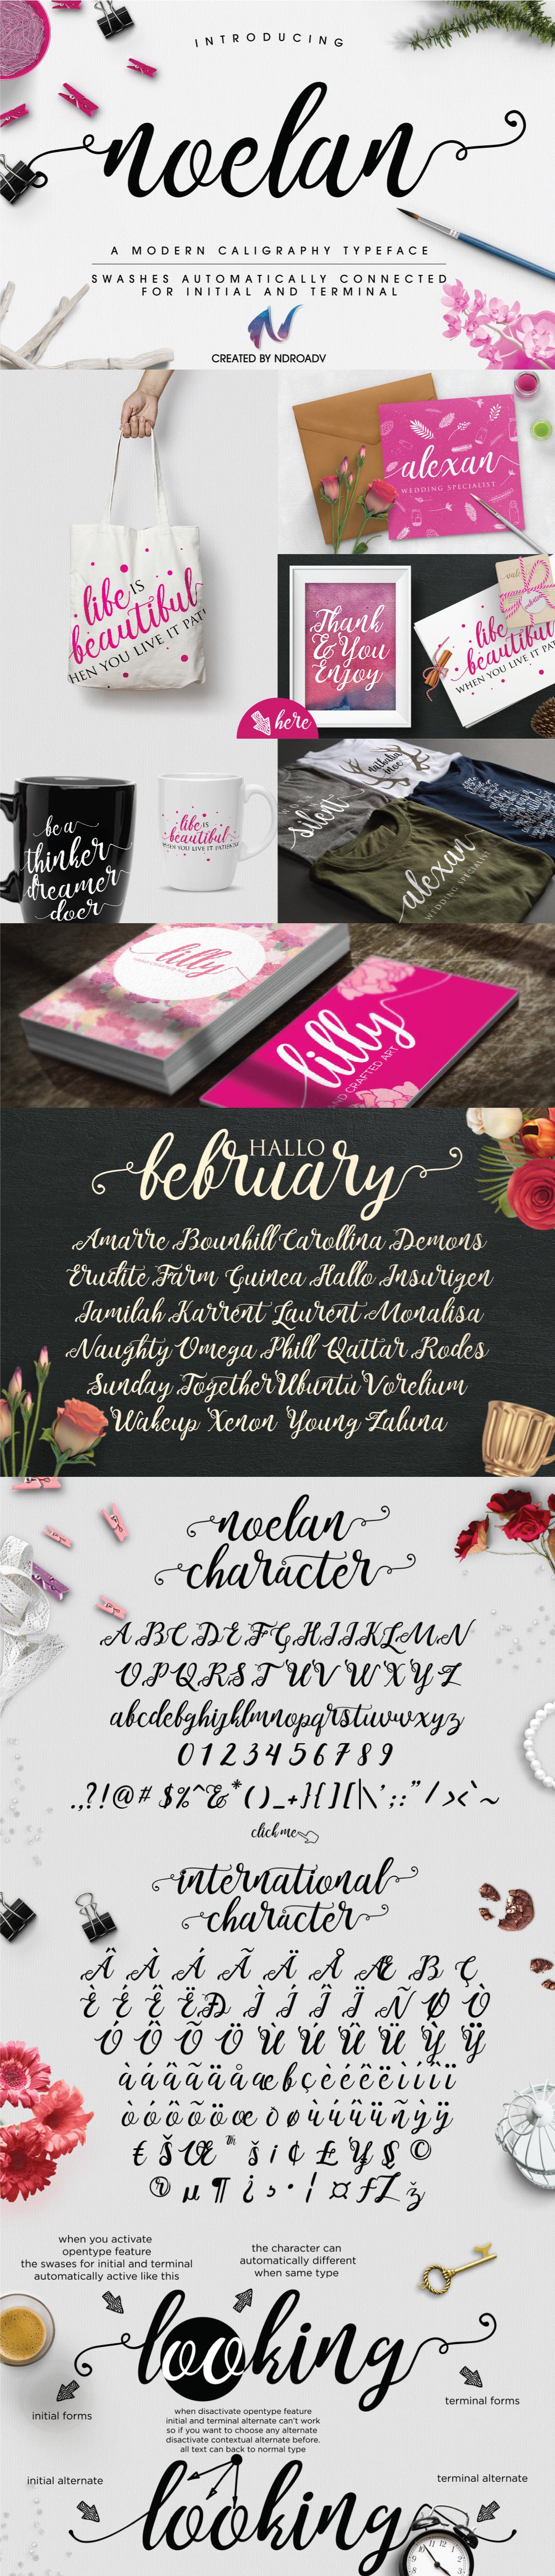 Noelan Modern Free Font For Designers